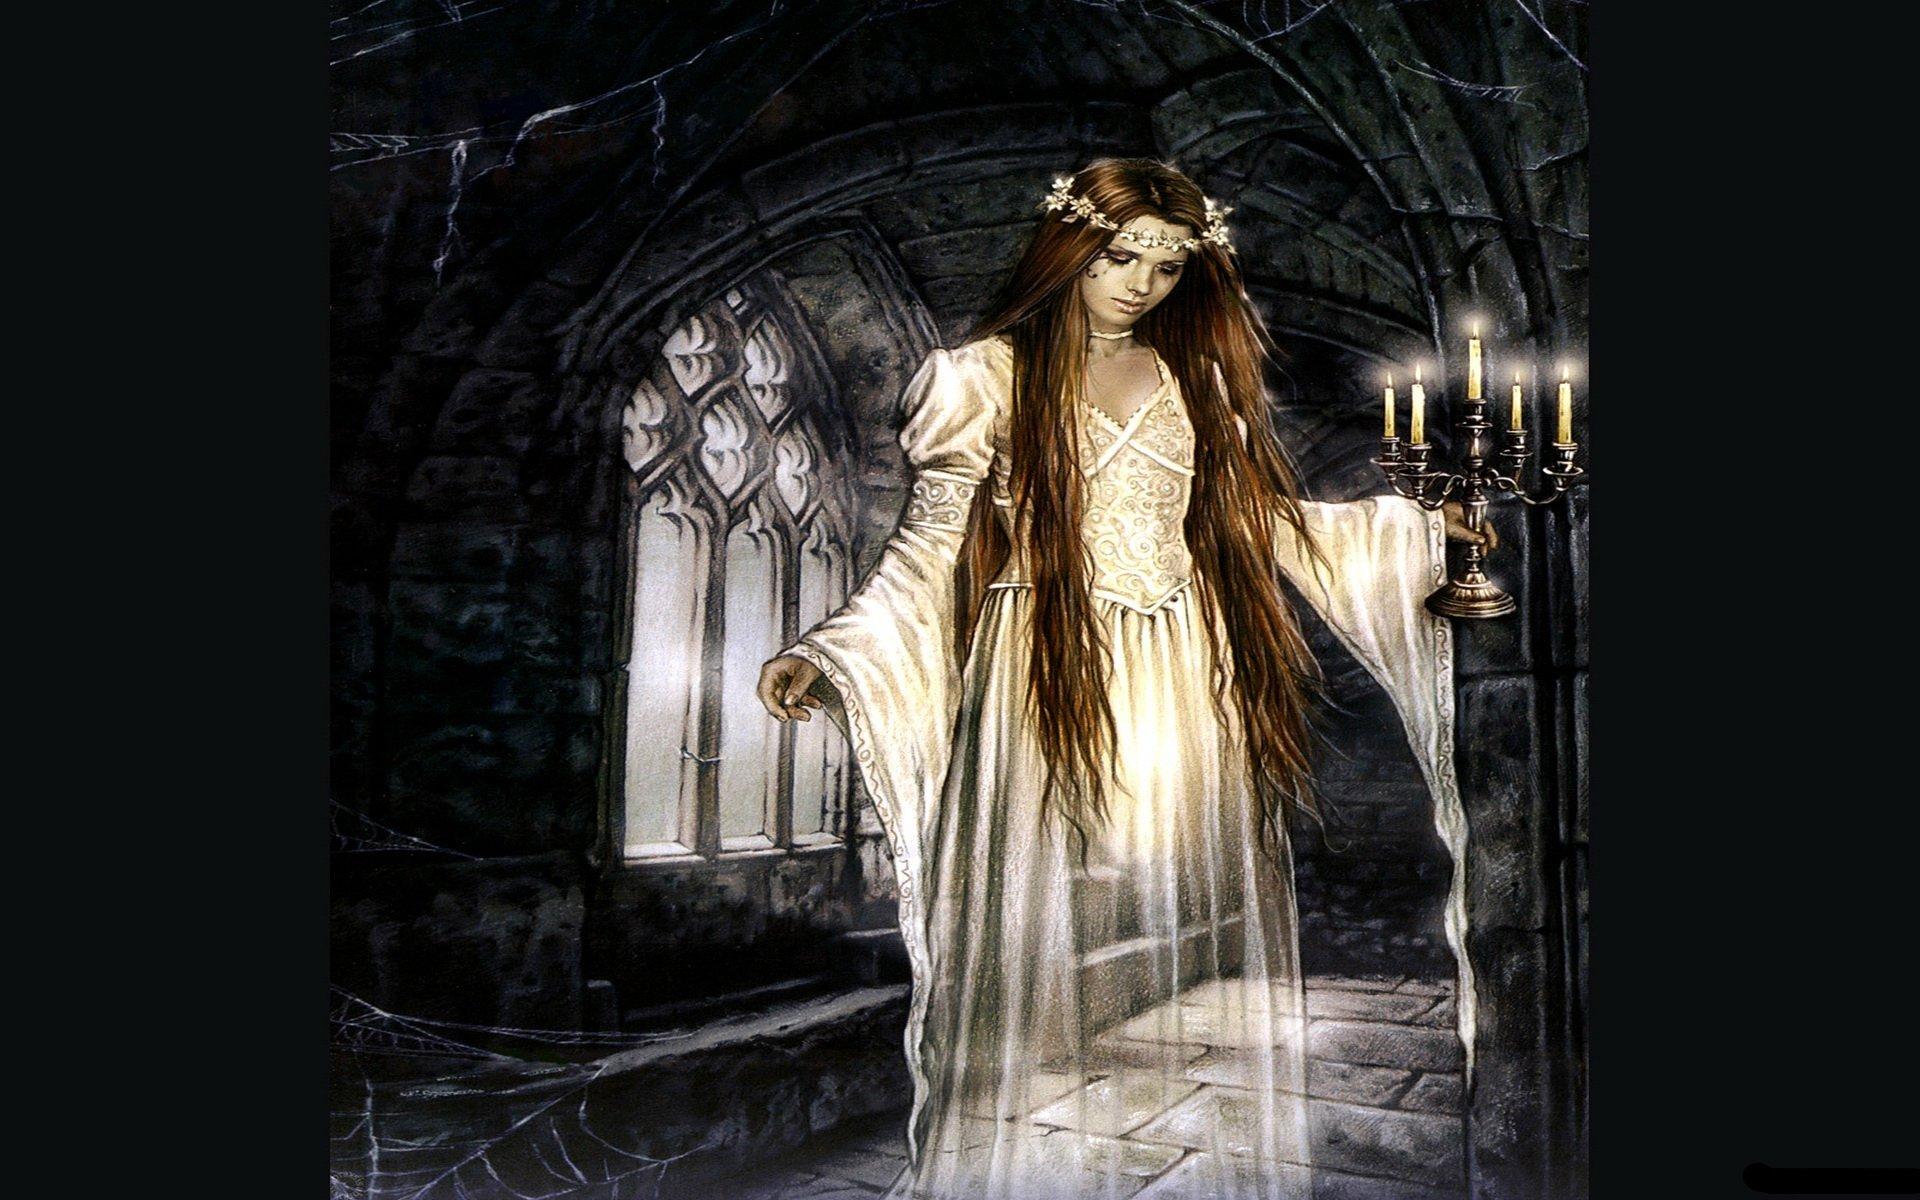 замок и ведьма картинки арт обучения фотографии